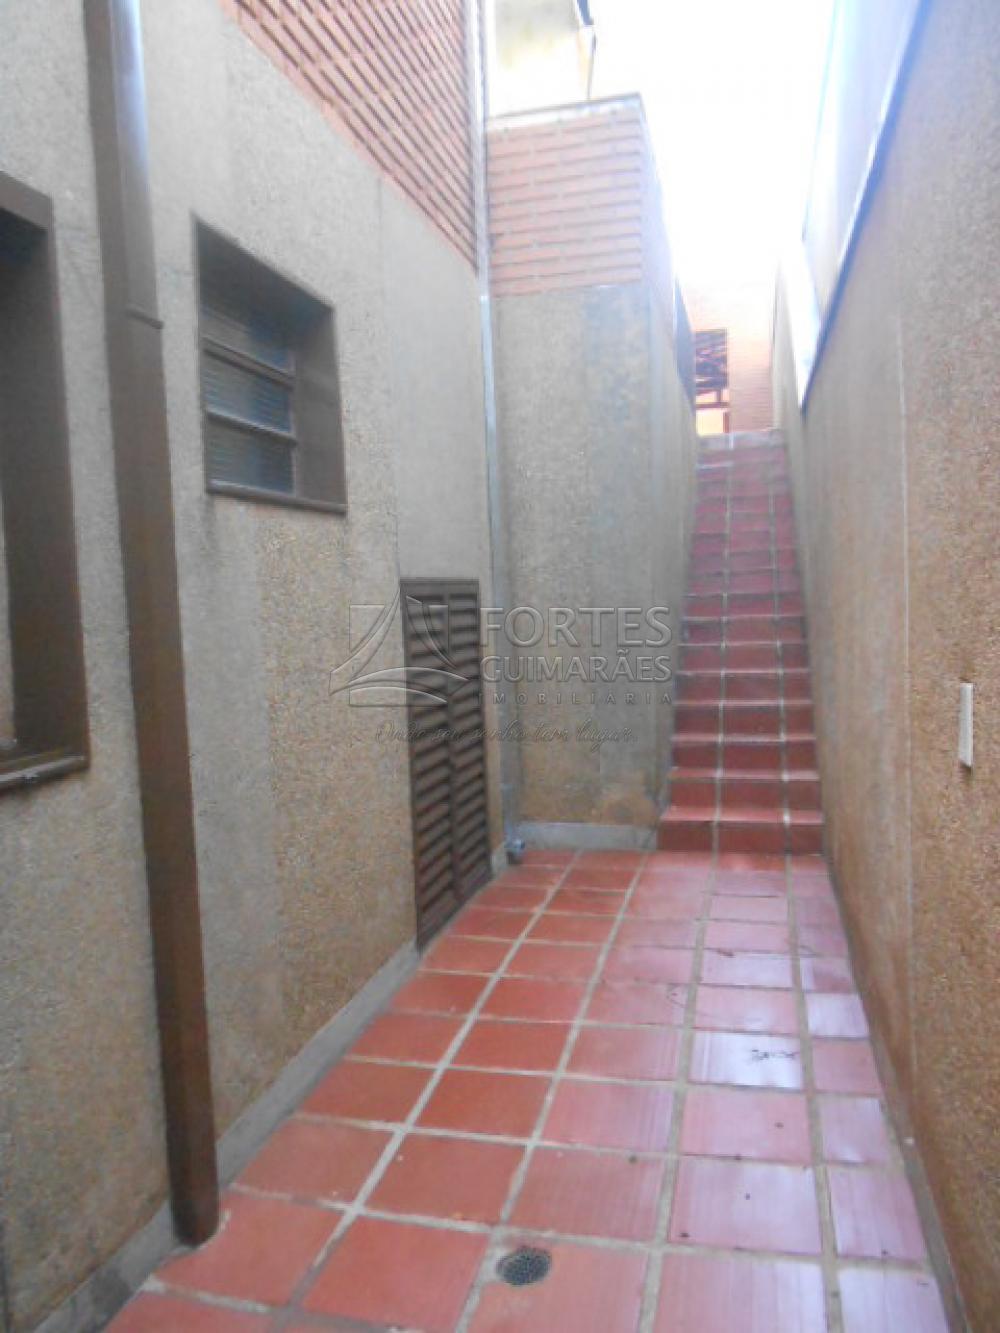 Alugar Casas / Padrão em Ribeirão Preto apenas R$ 2.500,00 - Foto 71